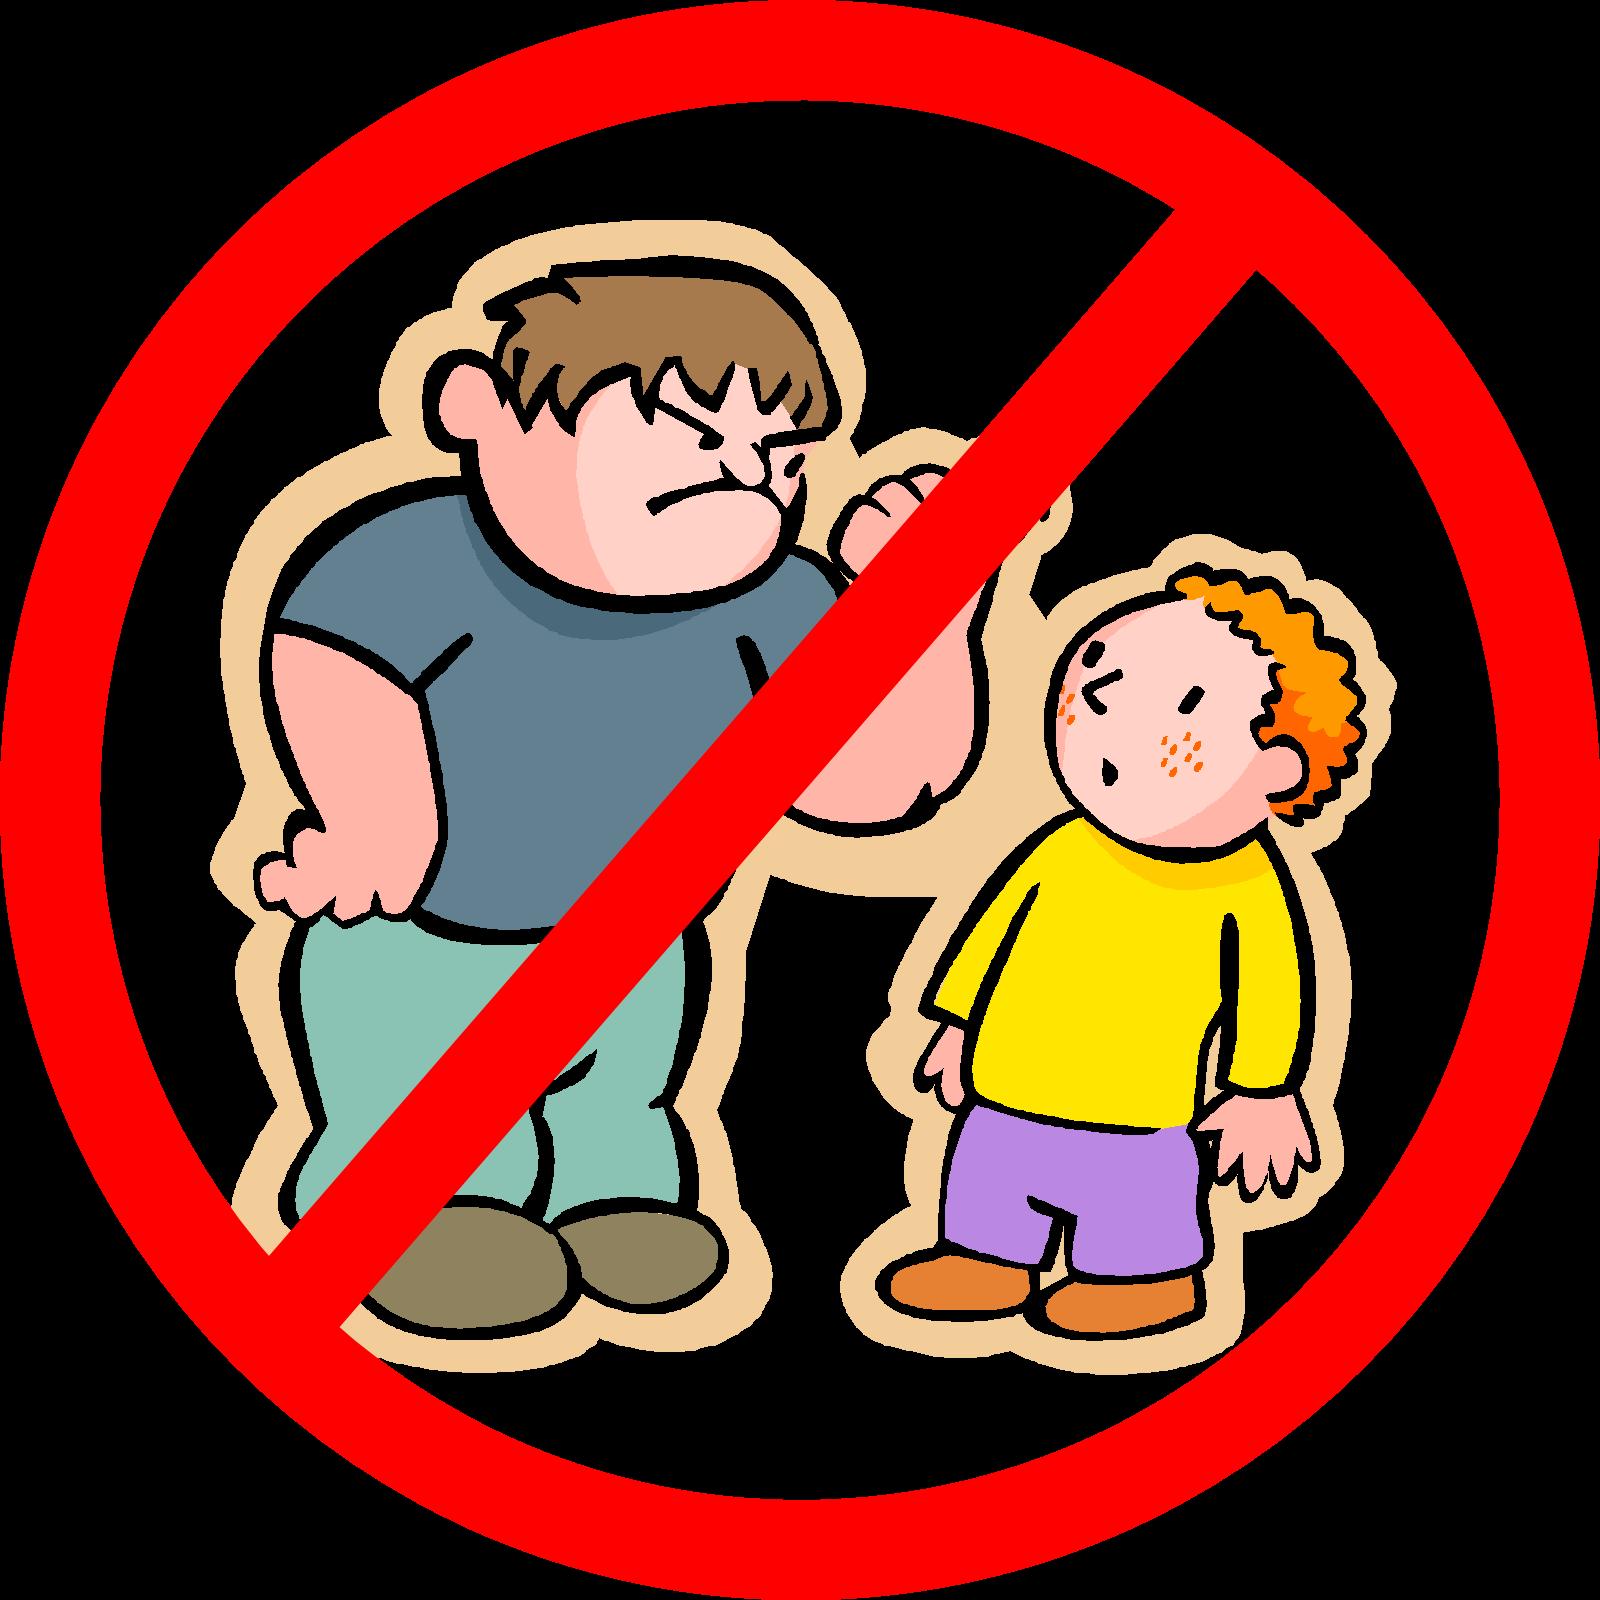 Bullyong clipart play vector transparent library Kindergarten & Preschool for Parents & Teachers: STOP Bullying: It ... vector transparent library